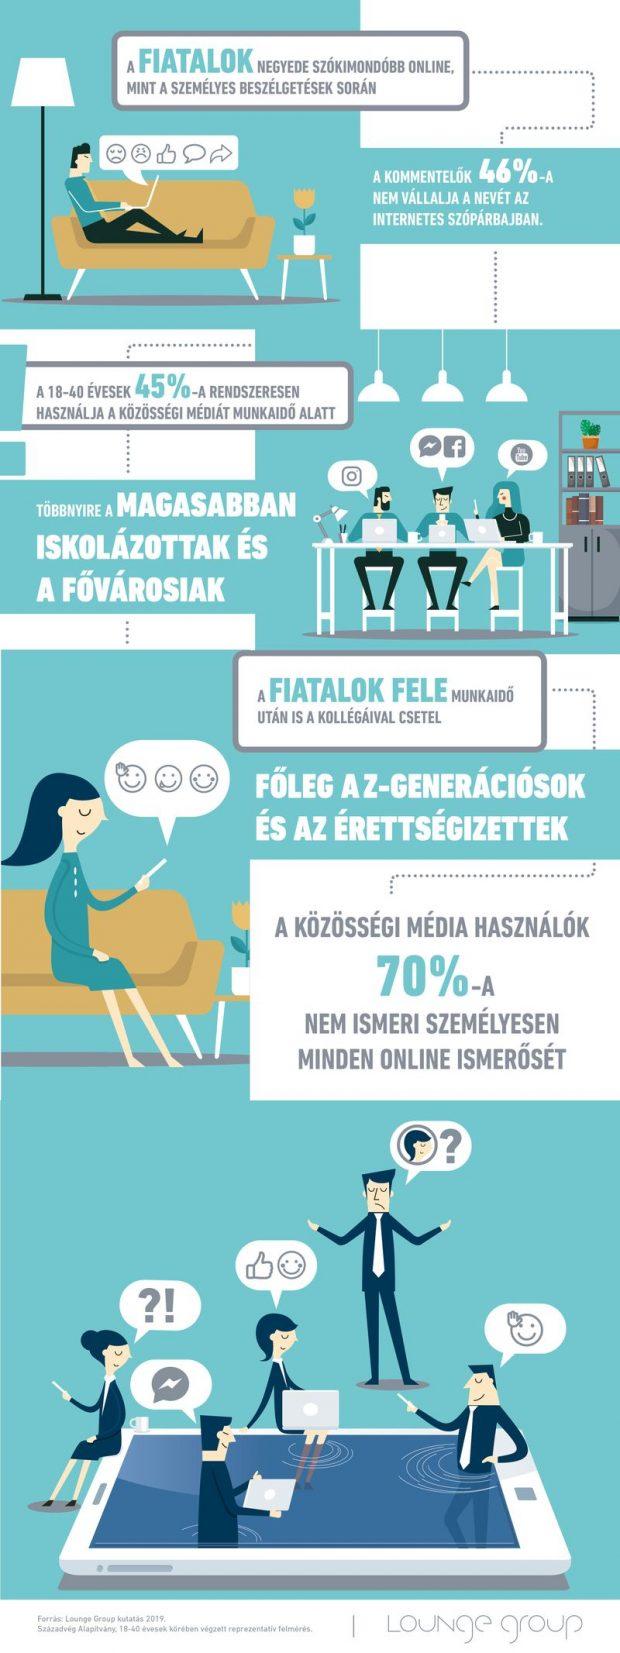 Infografika_Fiatalok a közösségi médiában_Lounge Group_0719